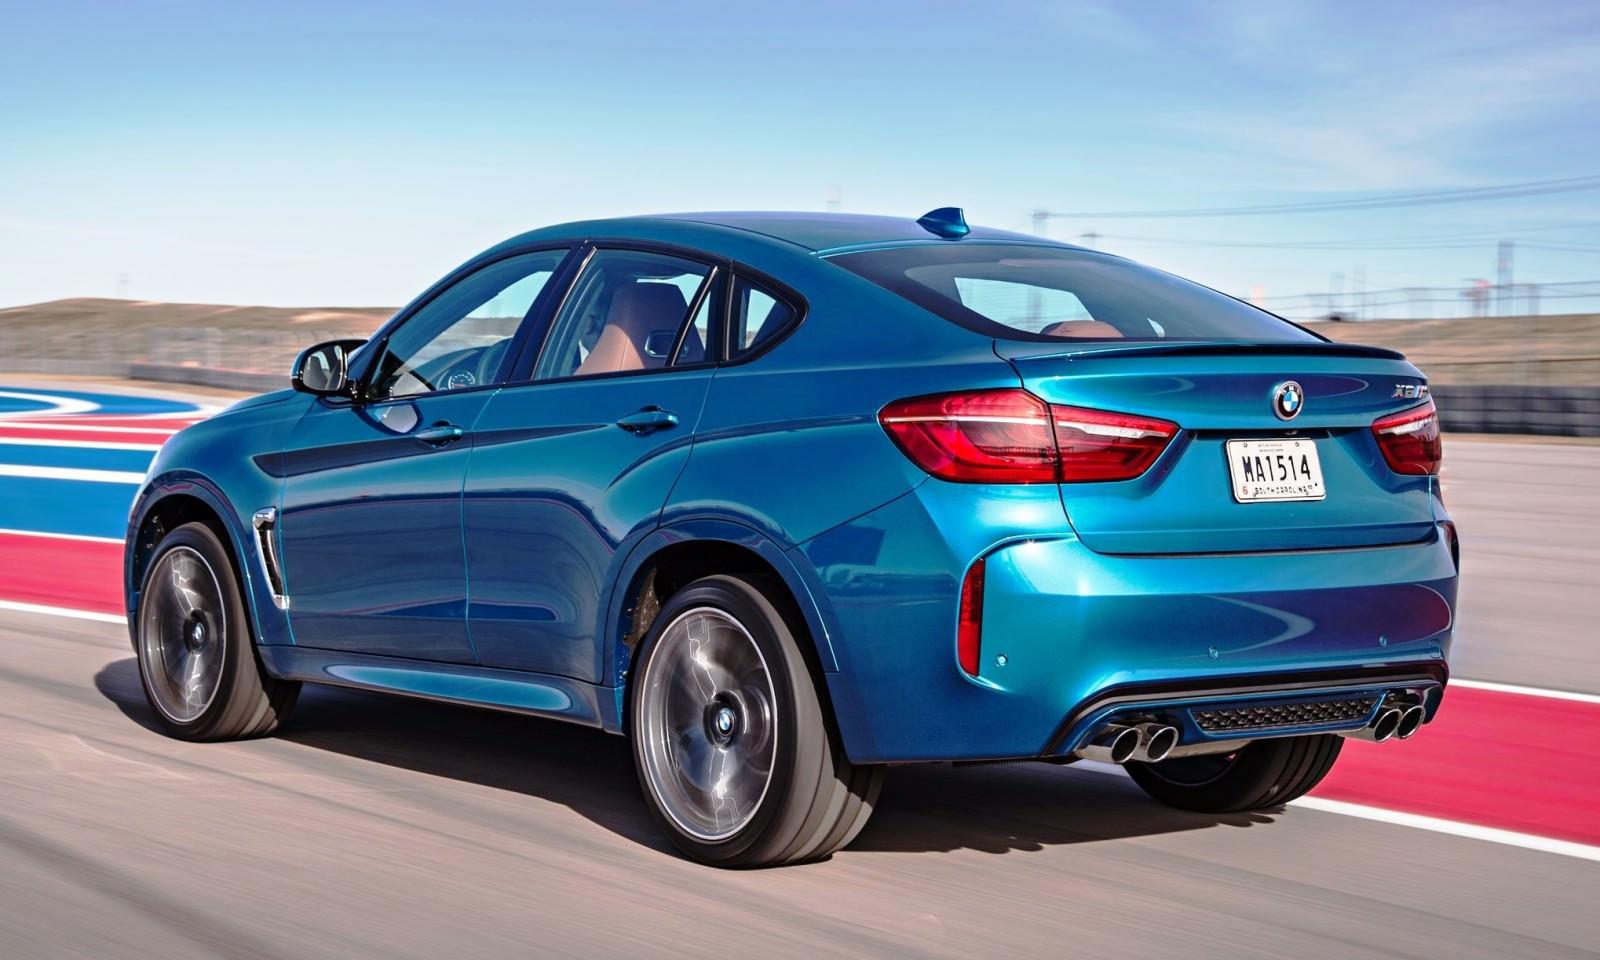 2015 BMW X6 M 63